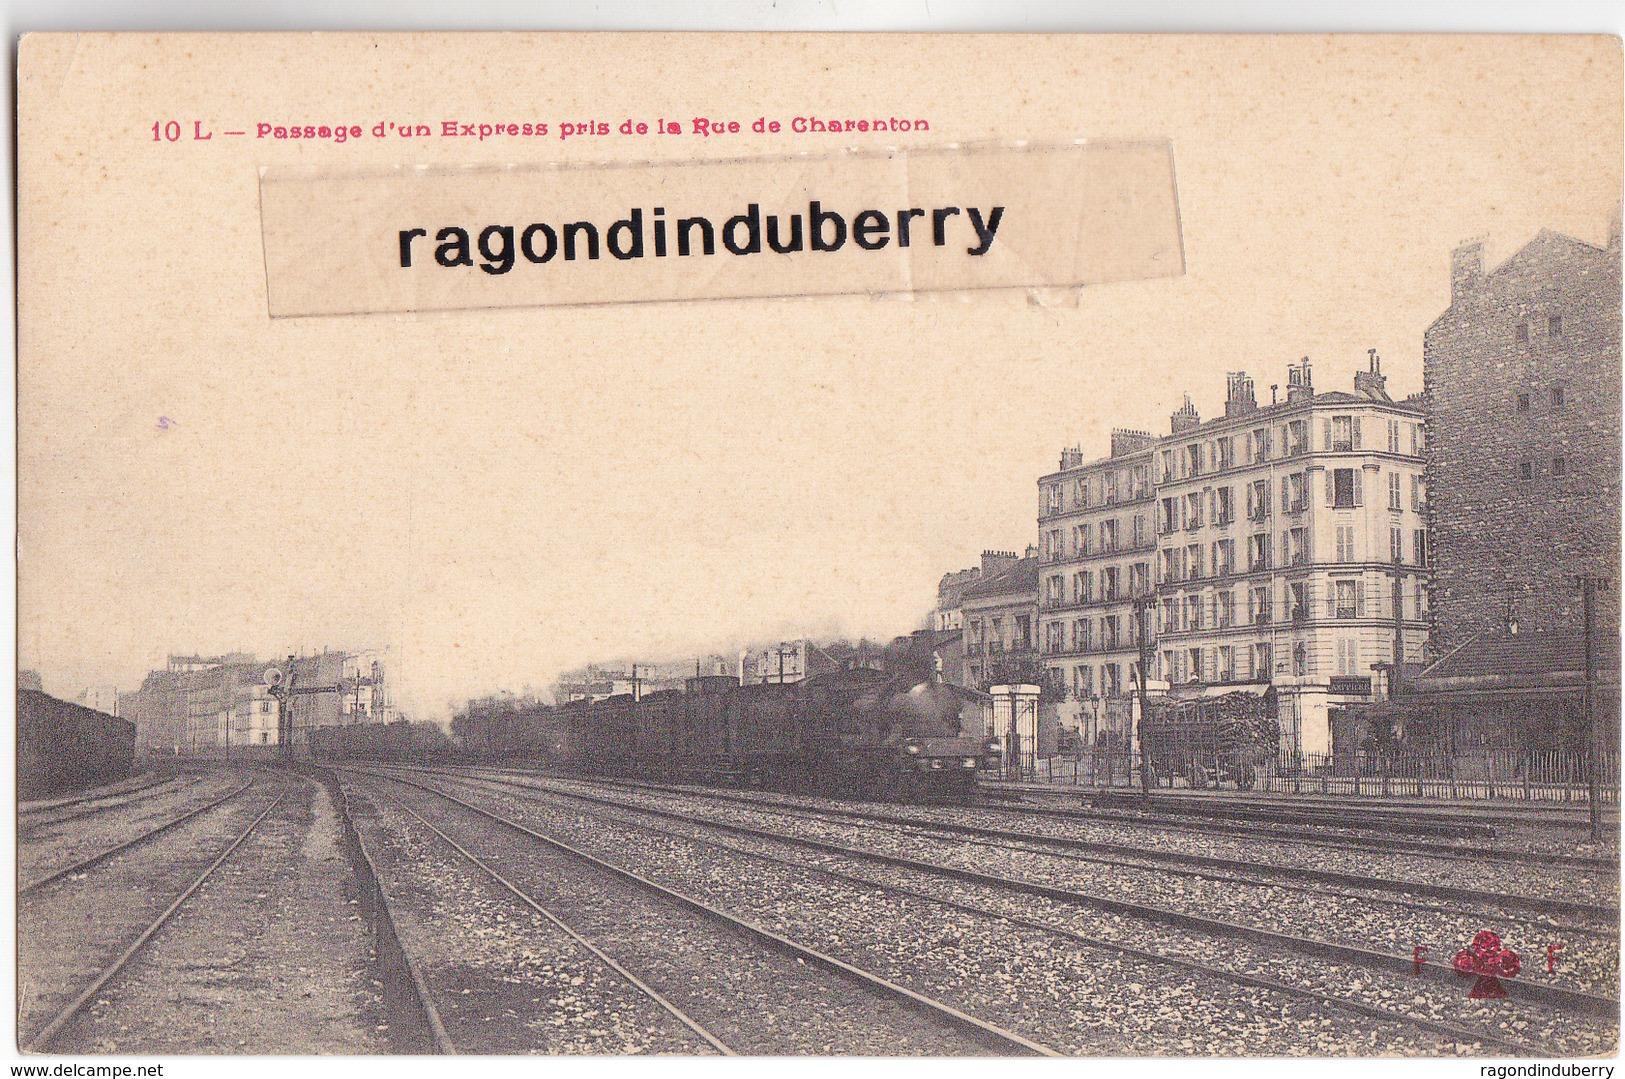 CPA - 75 - PARIS (12ème) - Passage D'un Express Pris De La Rue De Charentron Vers 1910 - EditFleury N° 10 L - Stations, Underground